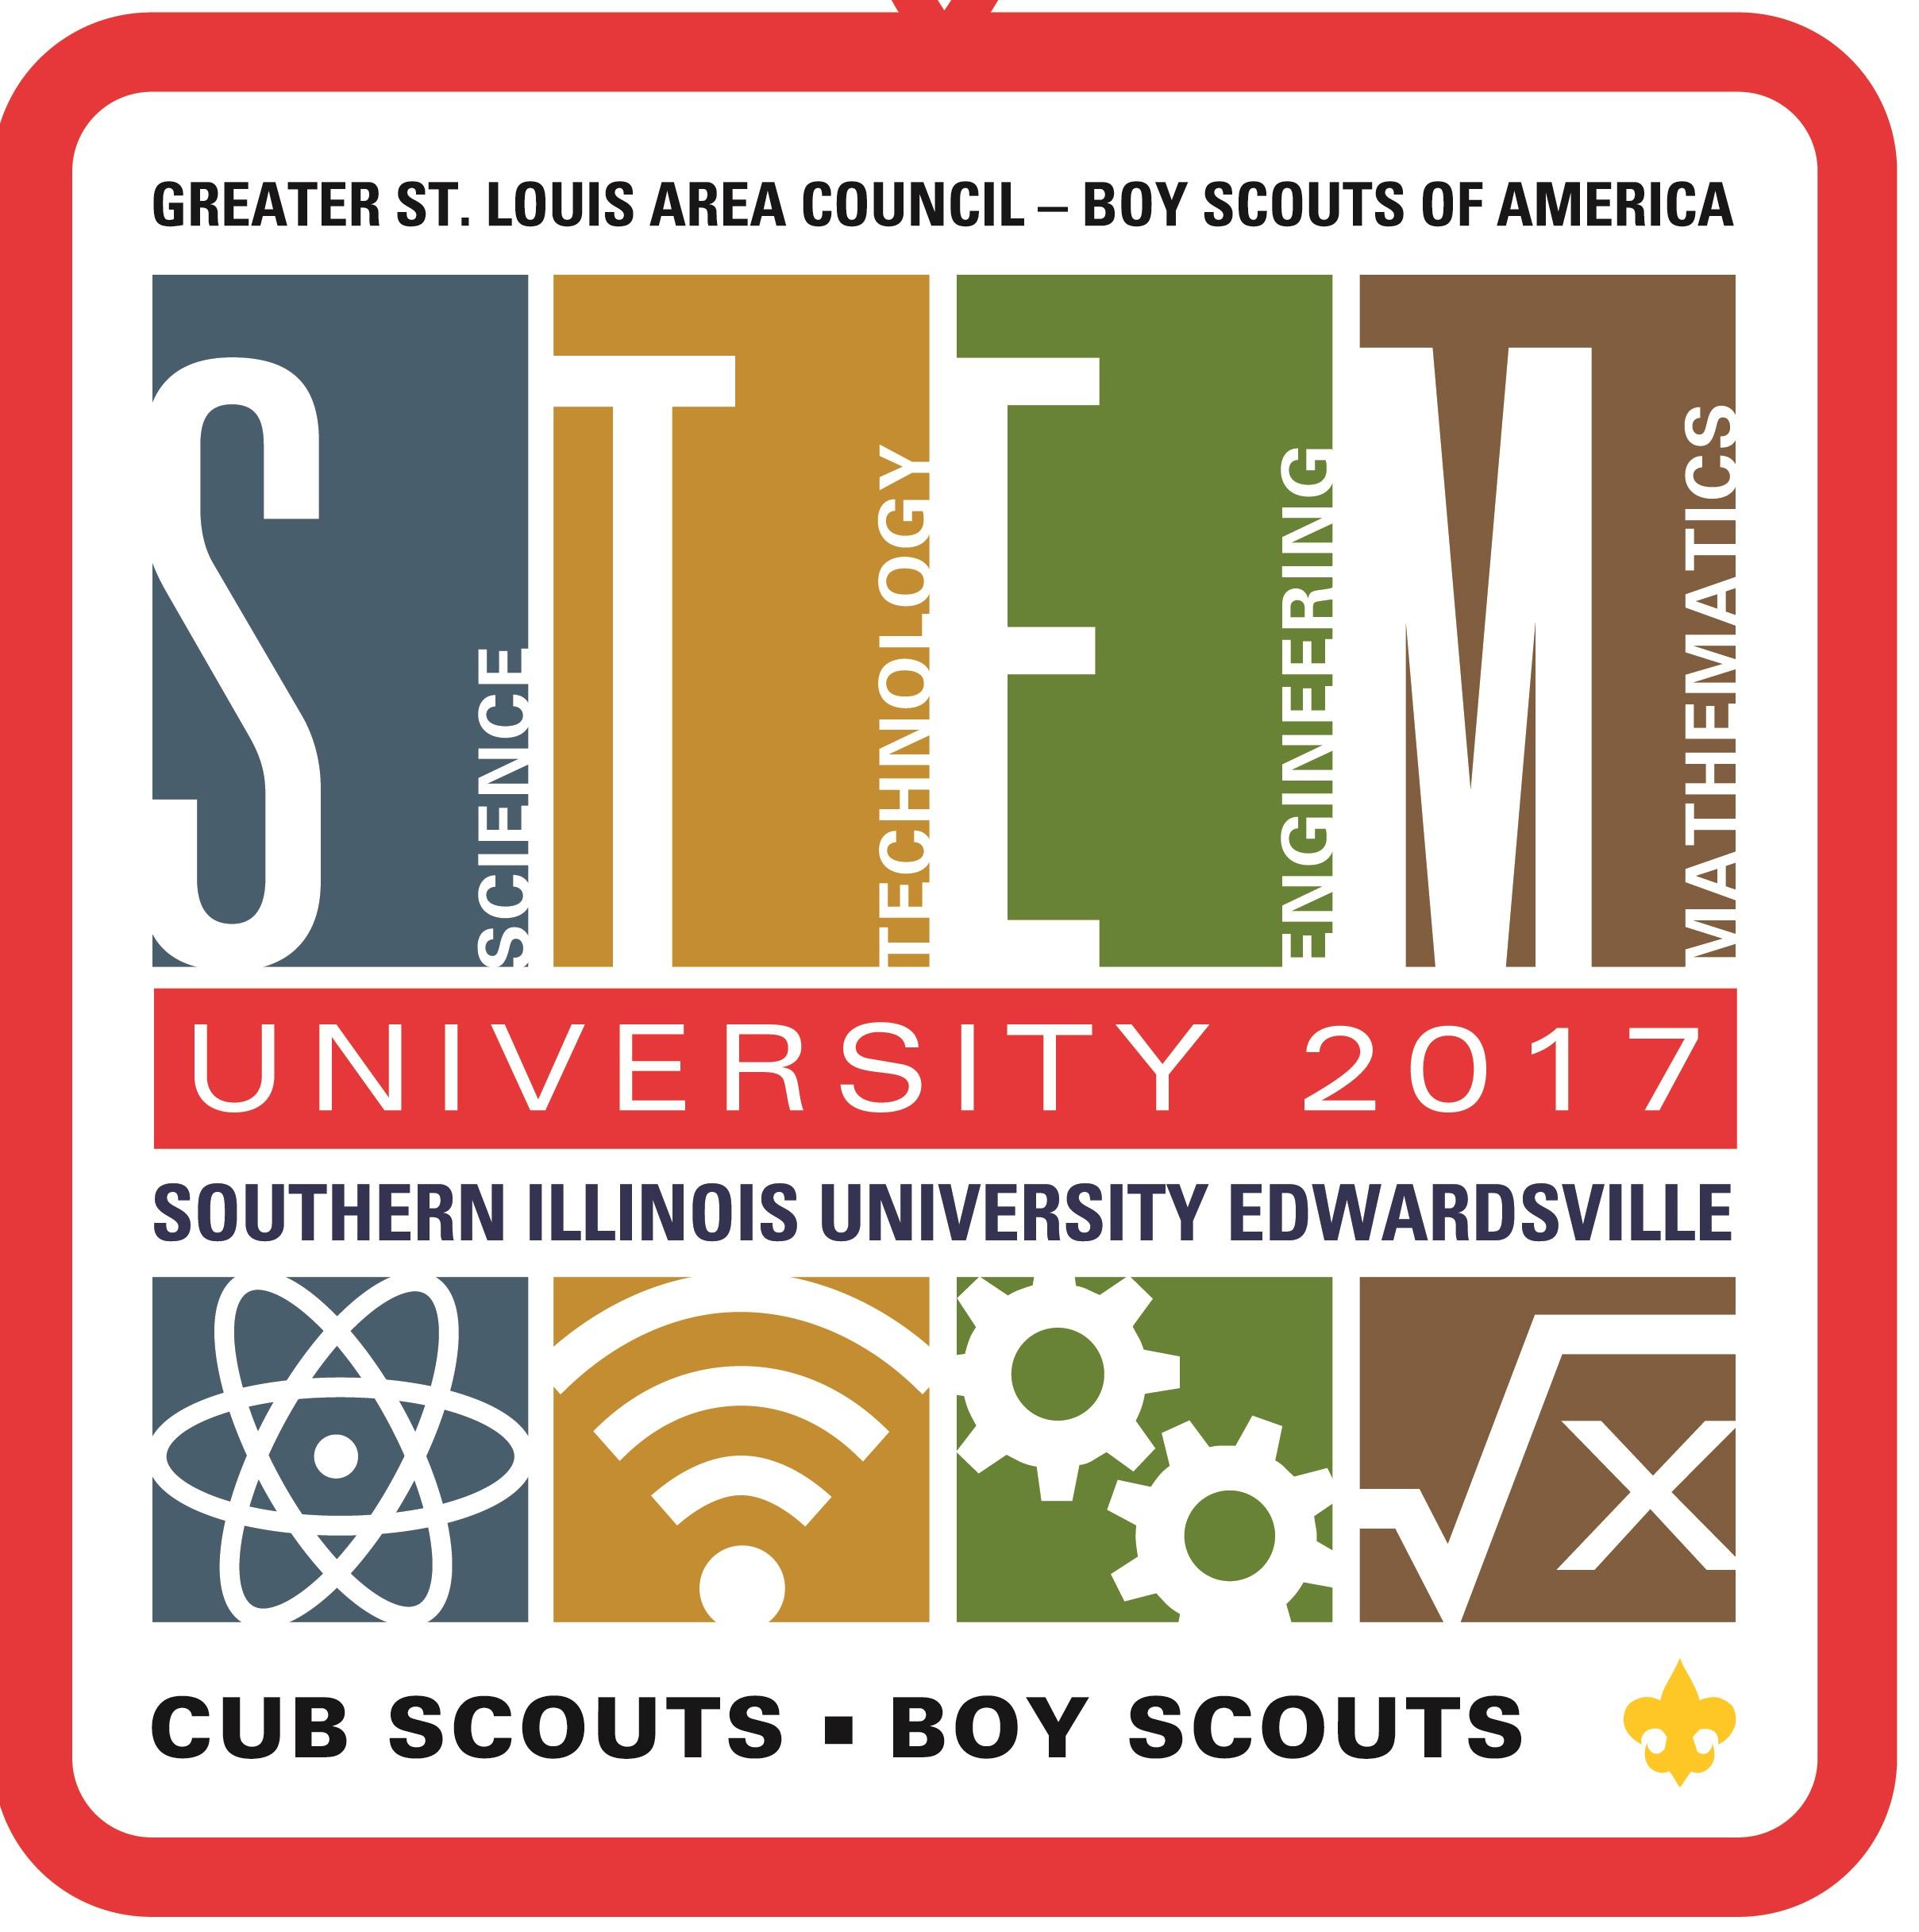 Greater Saint Louis Area Council - STEM University 2017